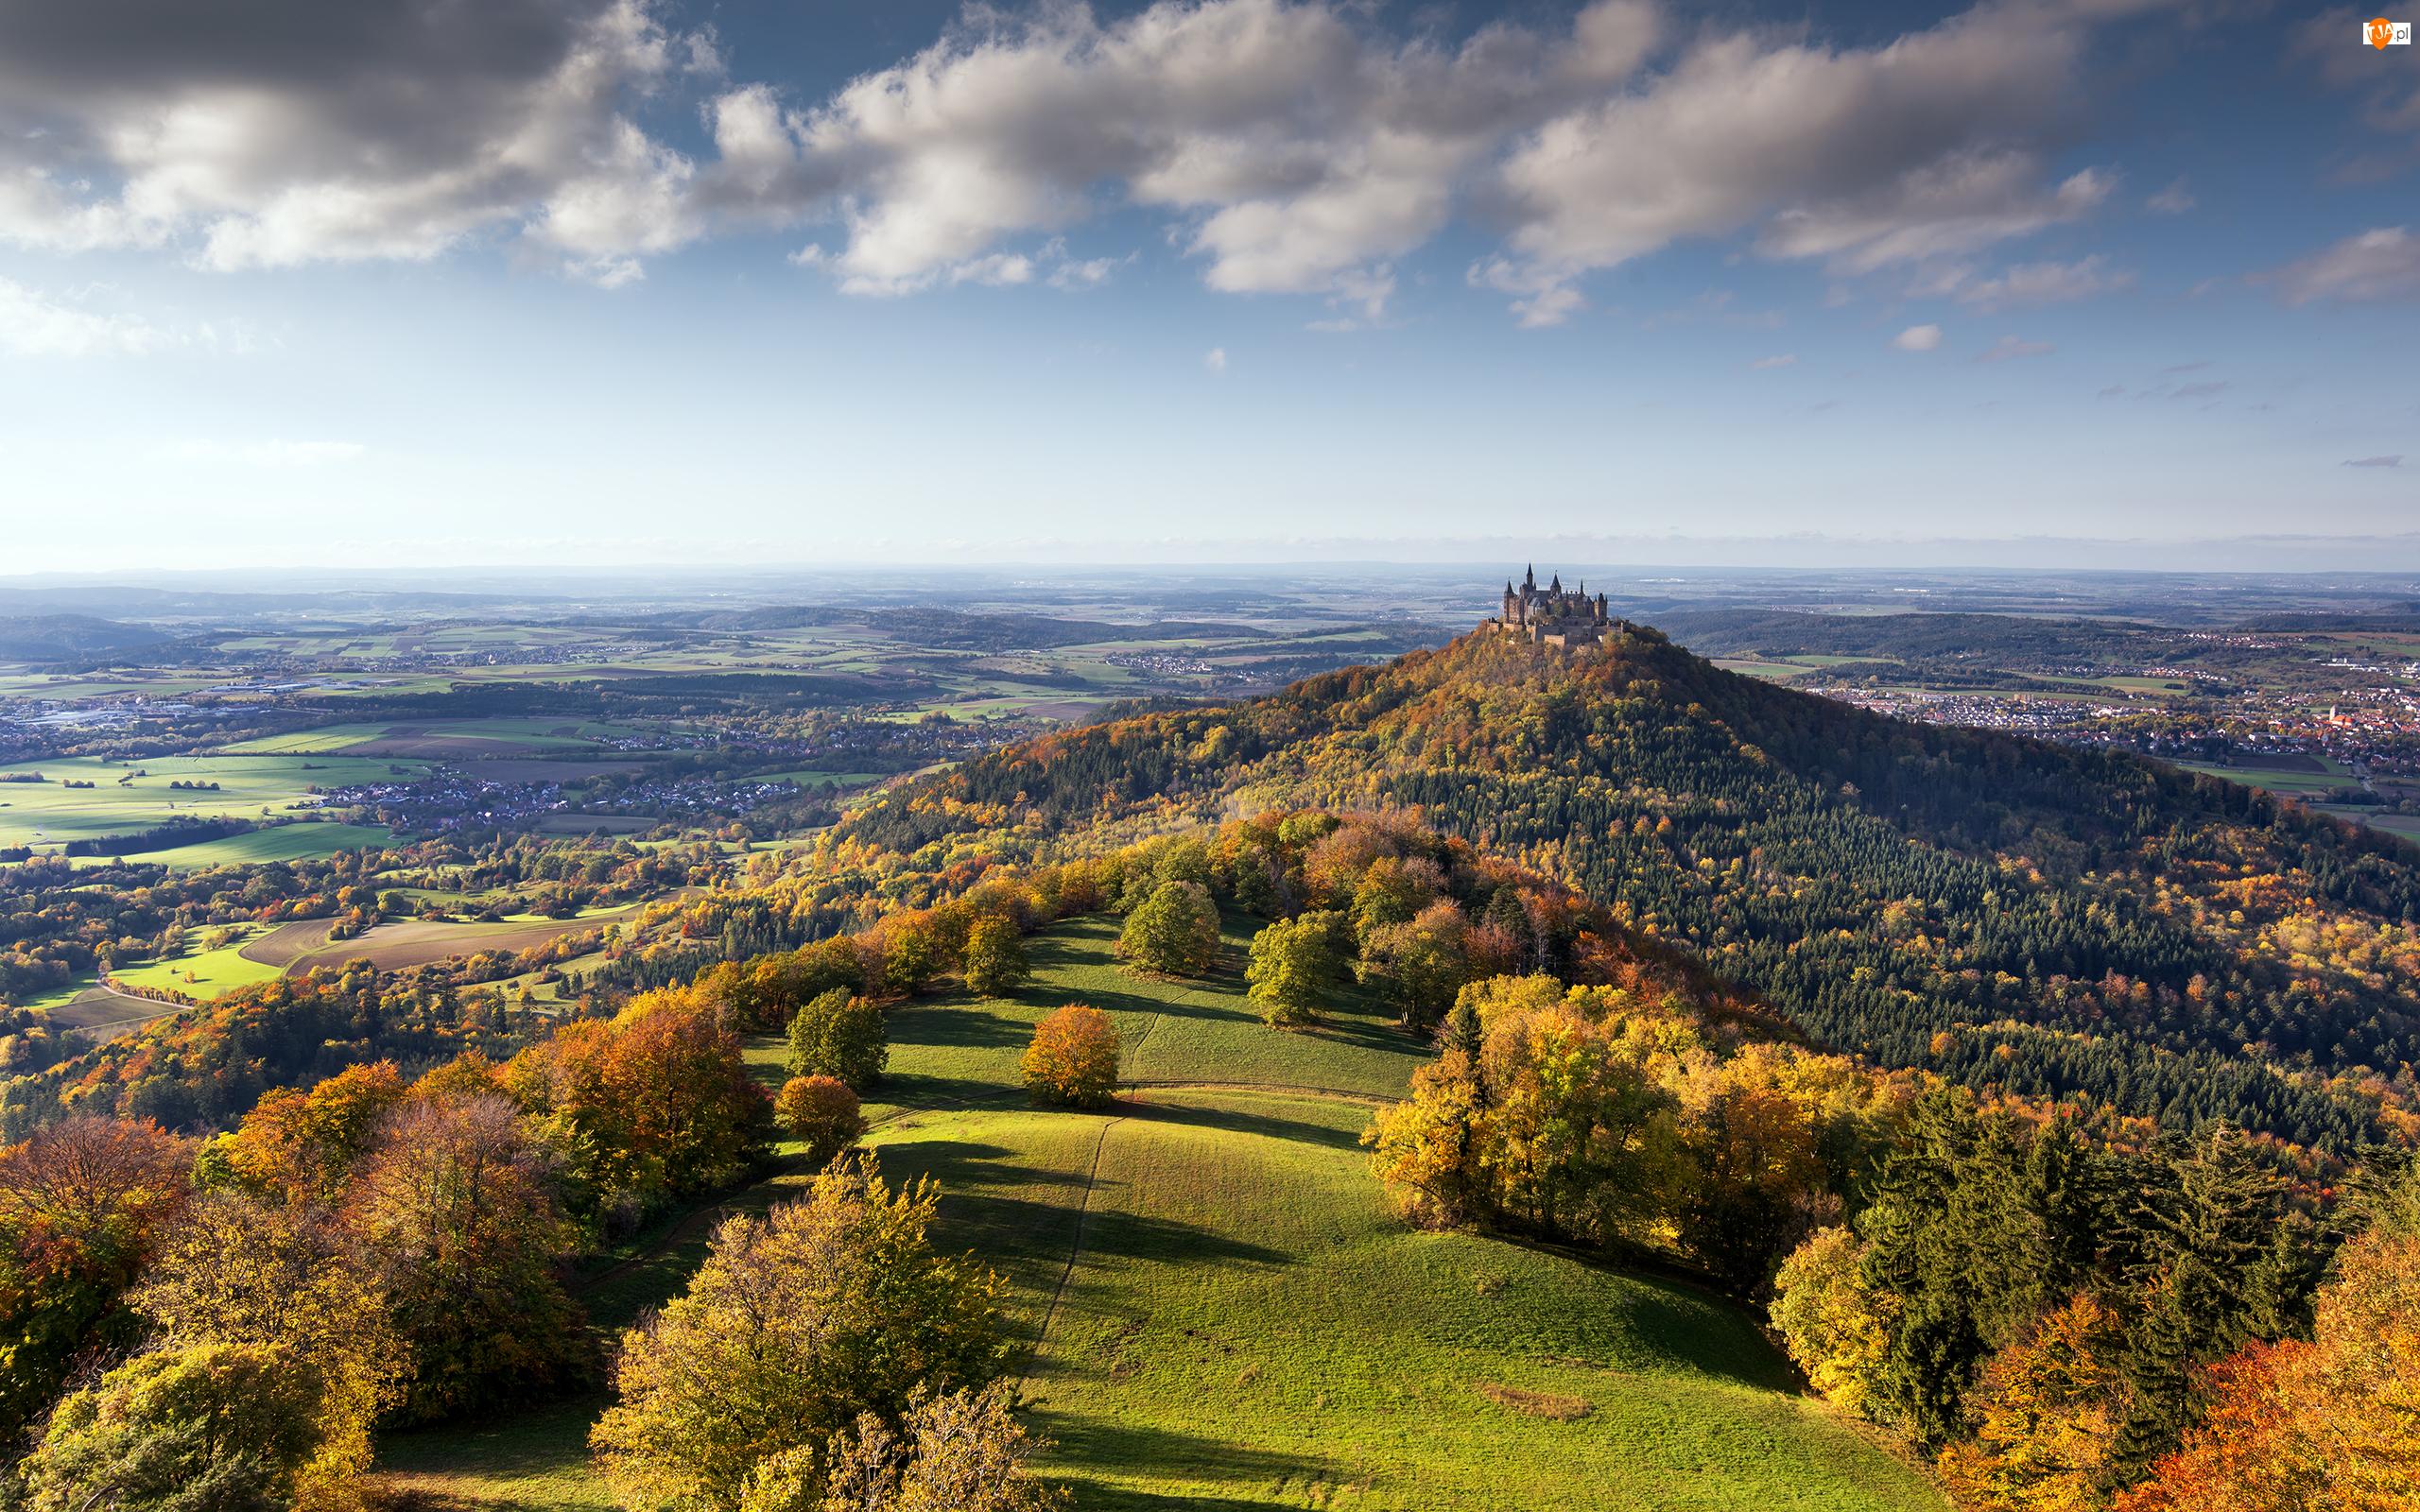 Jesień, Góra Hohenzollern, Niemcy, Chmury, Zamek Hohenzollern, Las, Wzgórza, Badenia-Wirtembergia